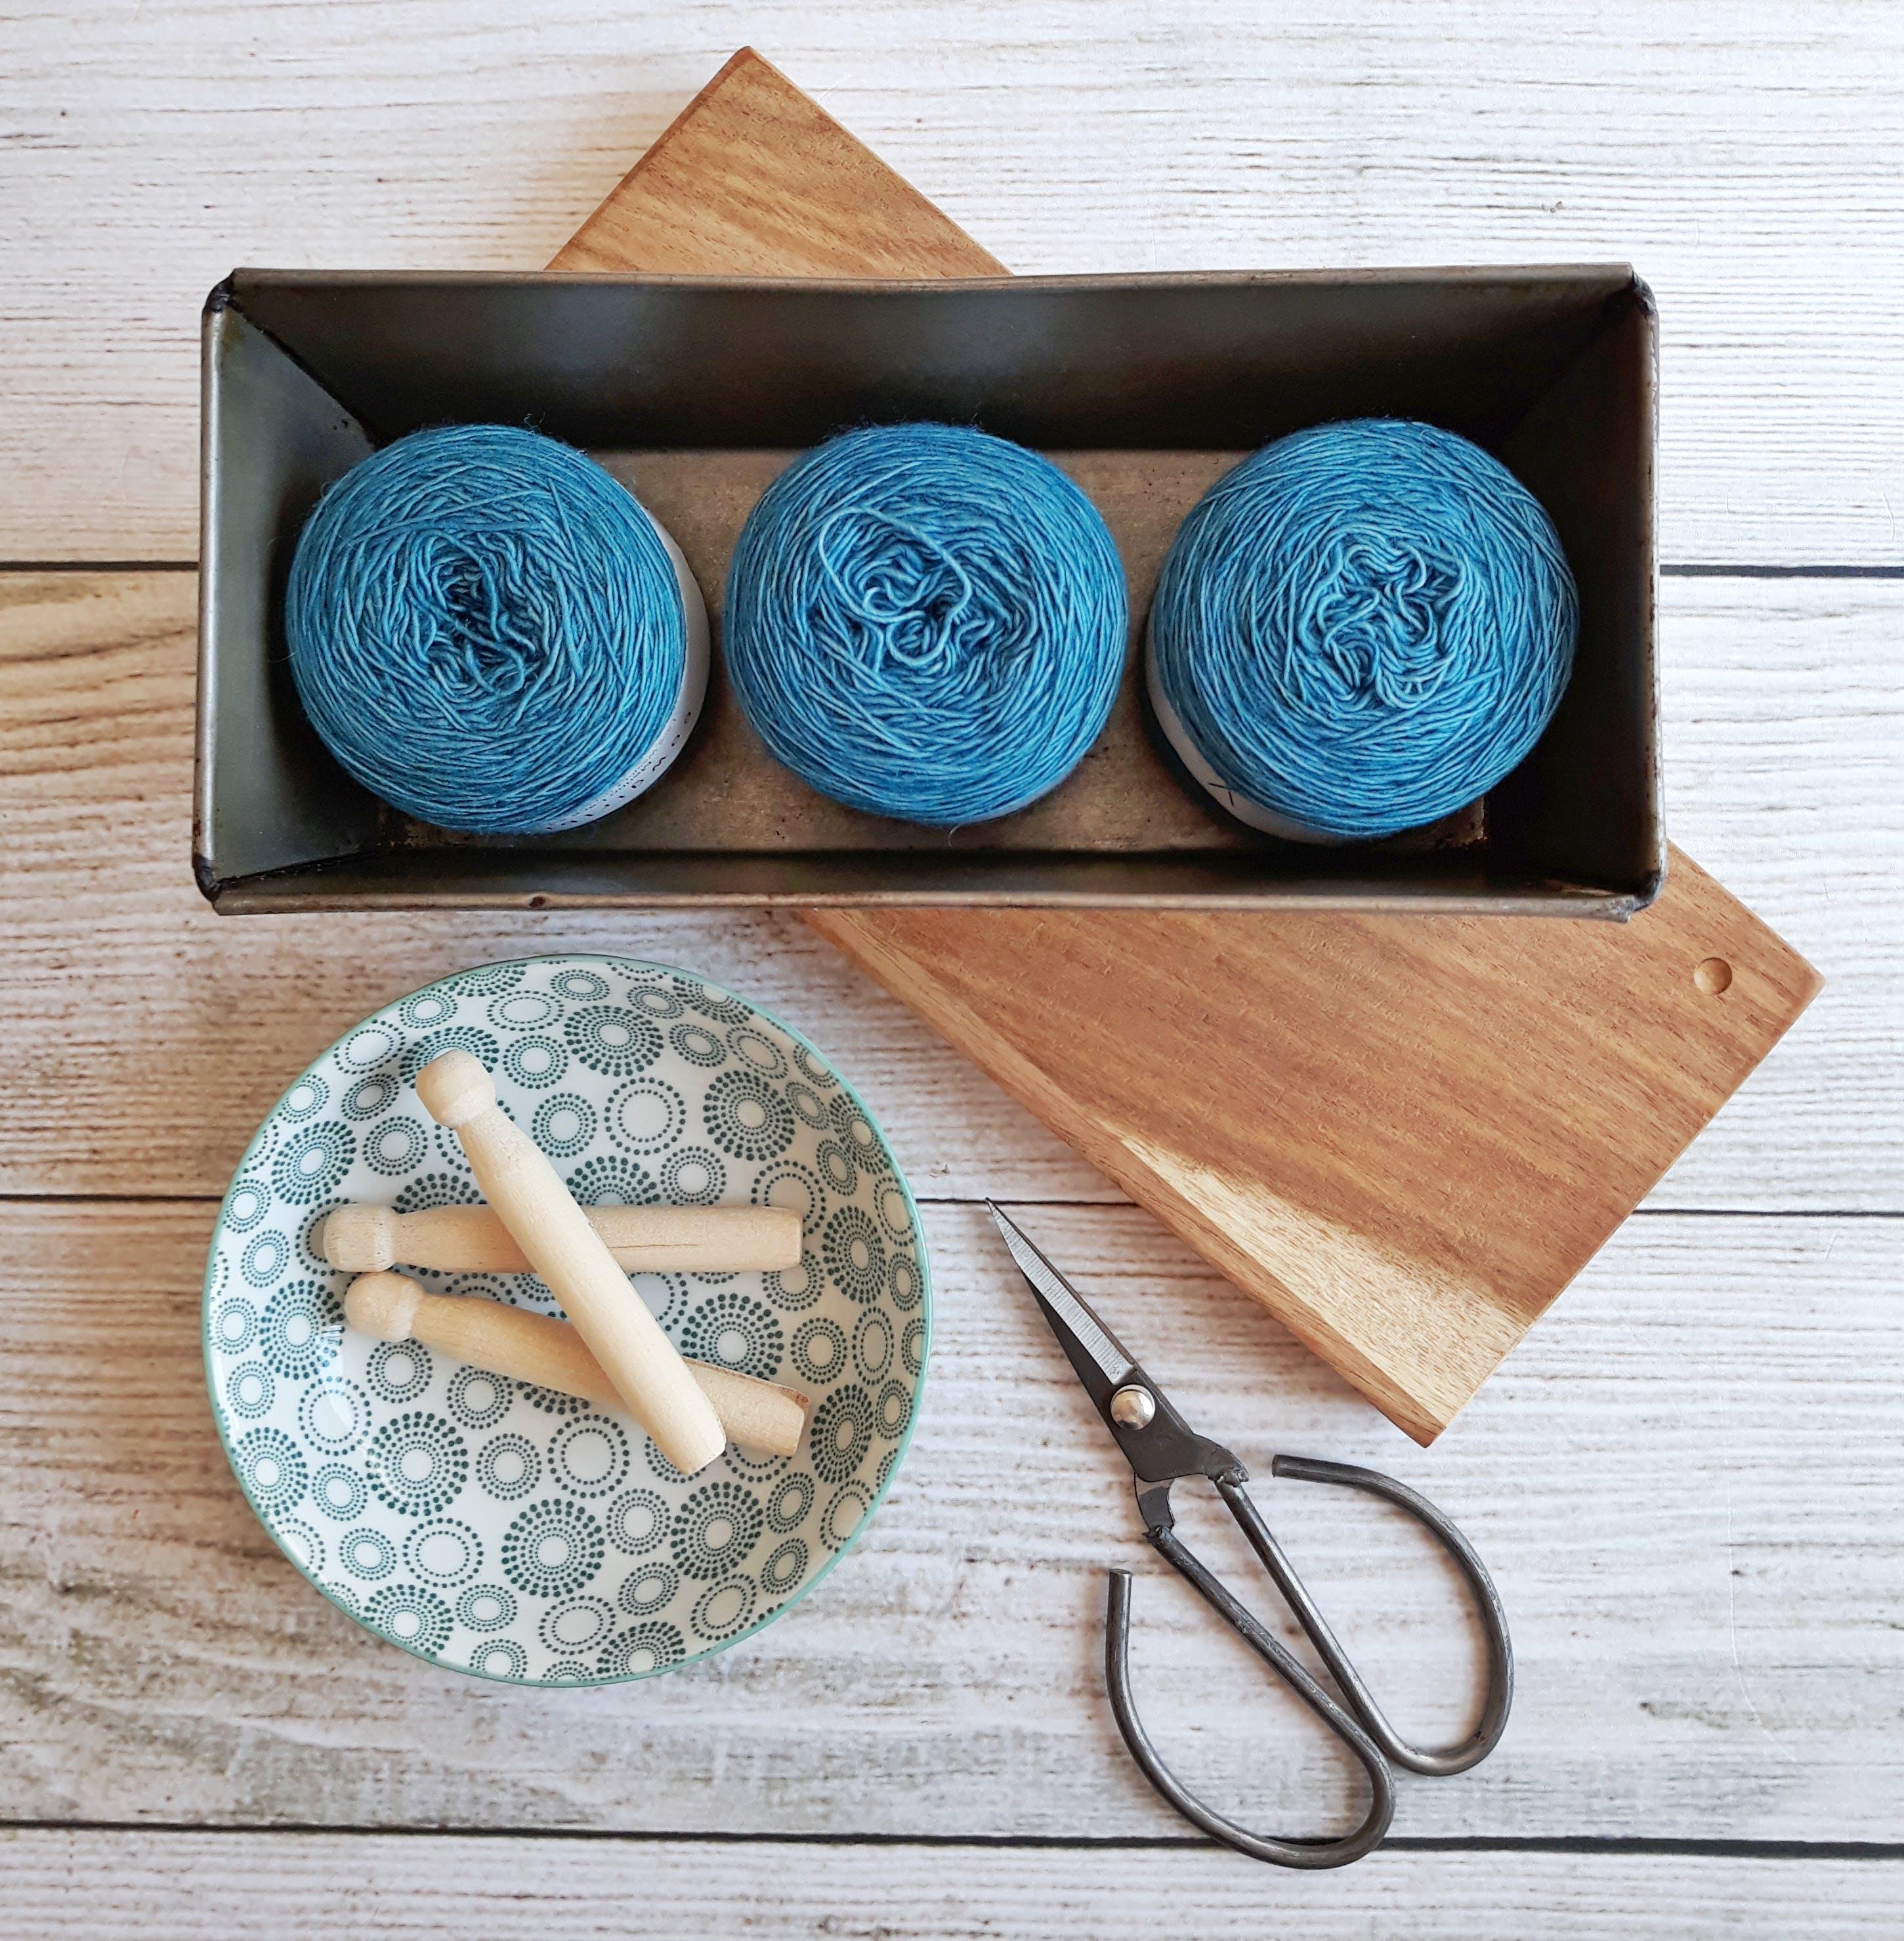 Fotos de stock gratuitas de Arte, artesanía, azul, carcasa